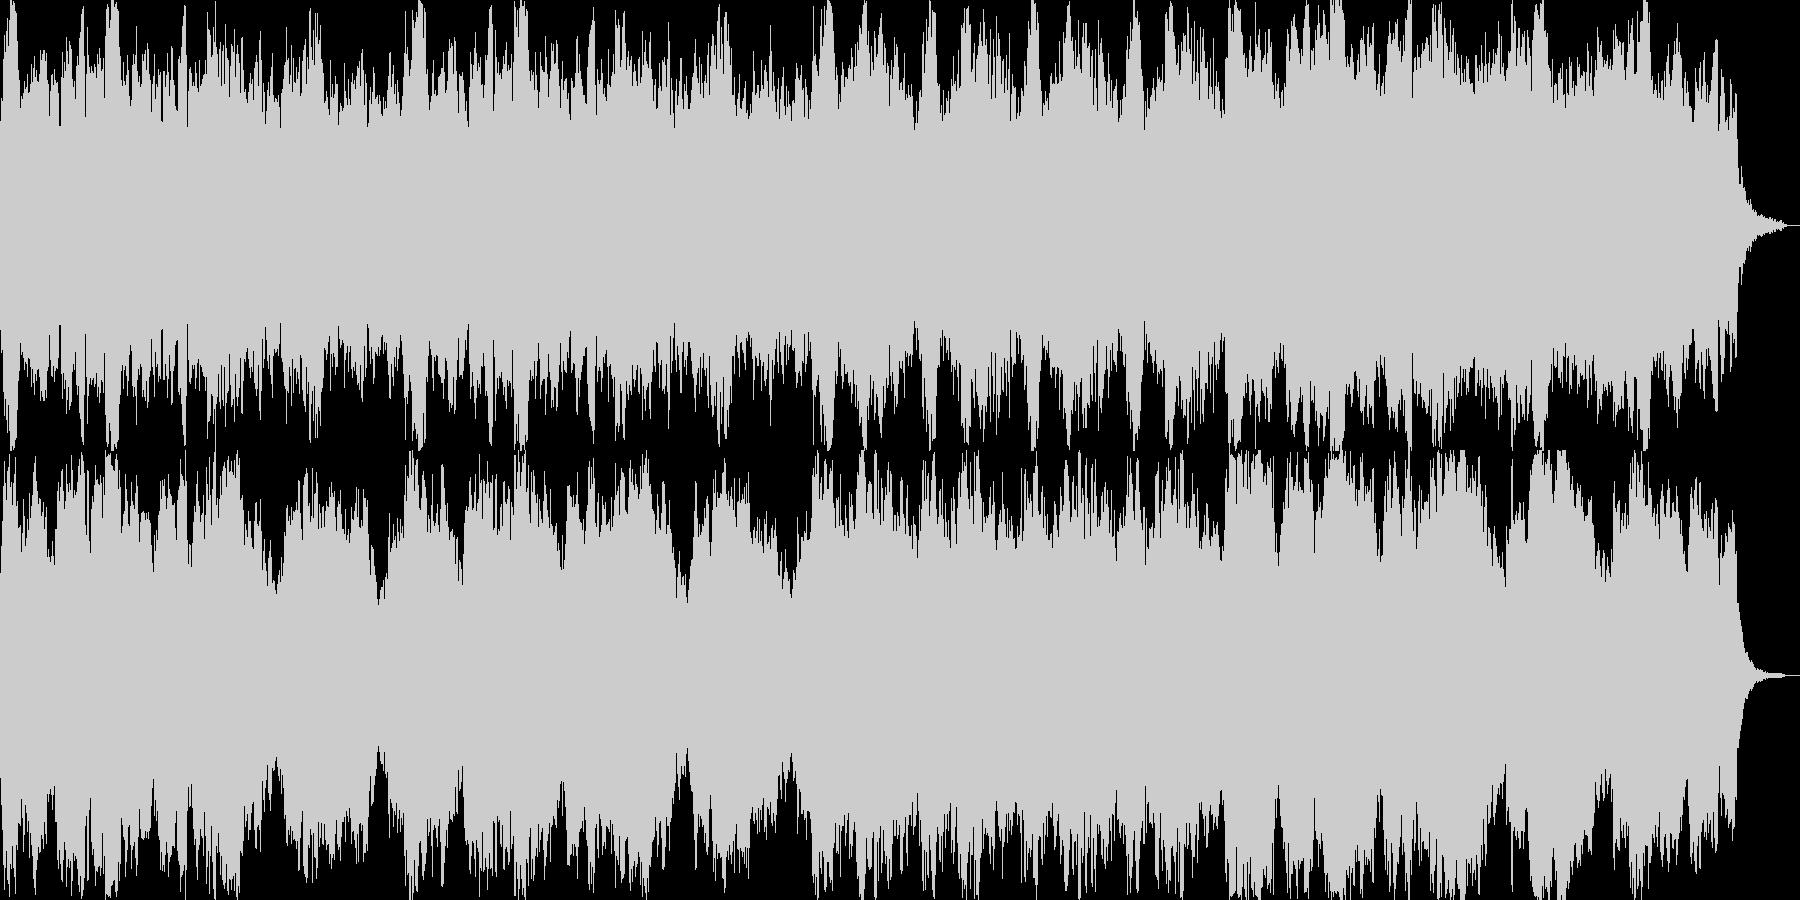 謎が深まる楽曲の未再生の波形